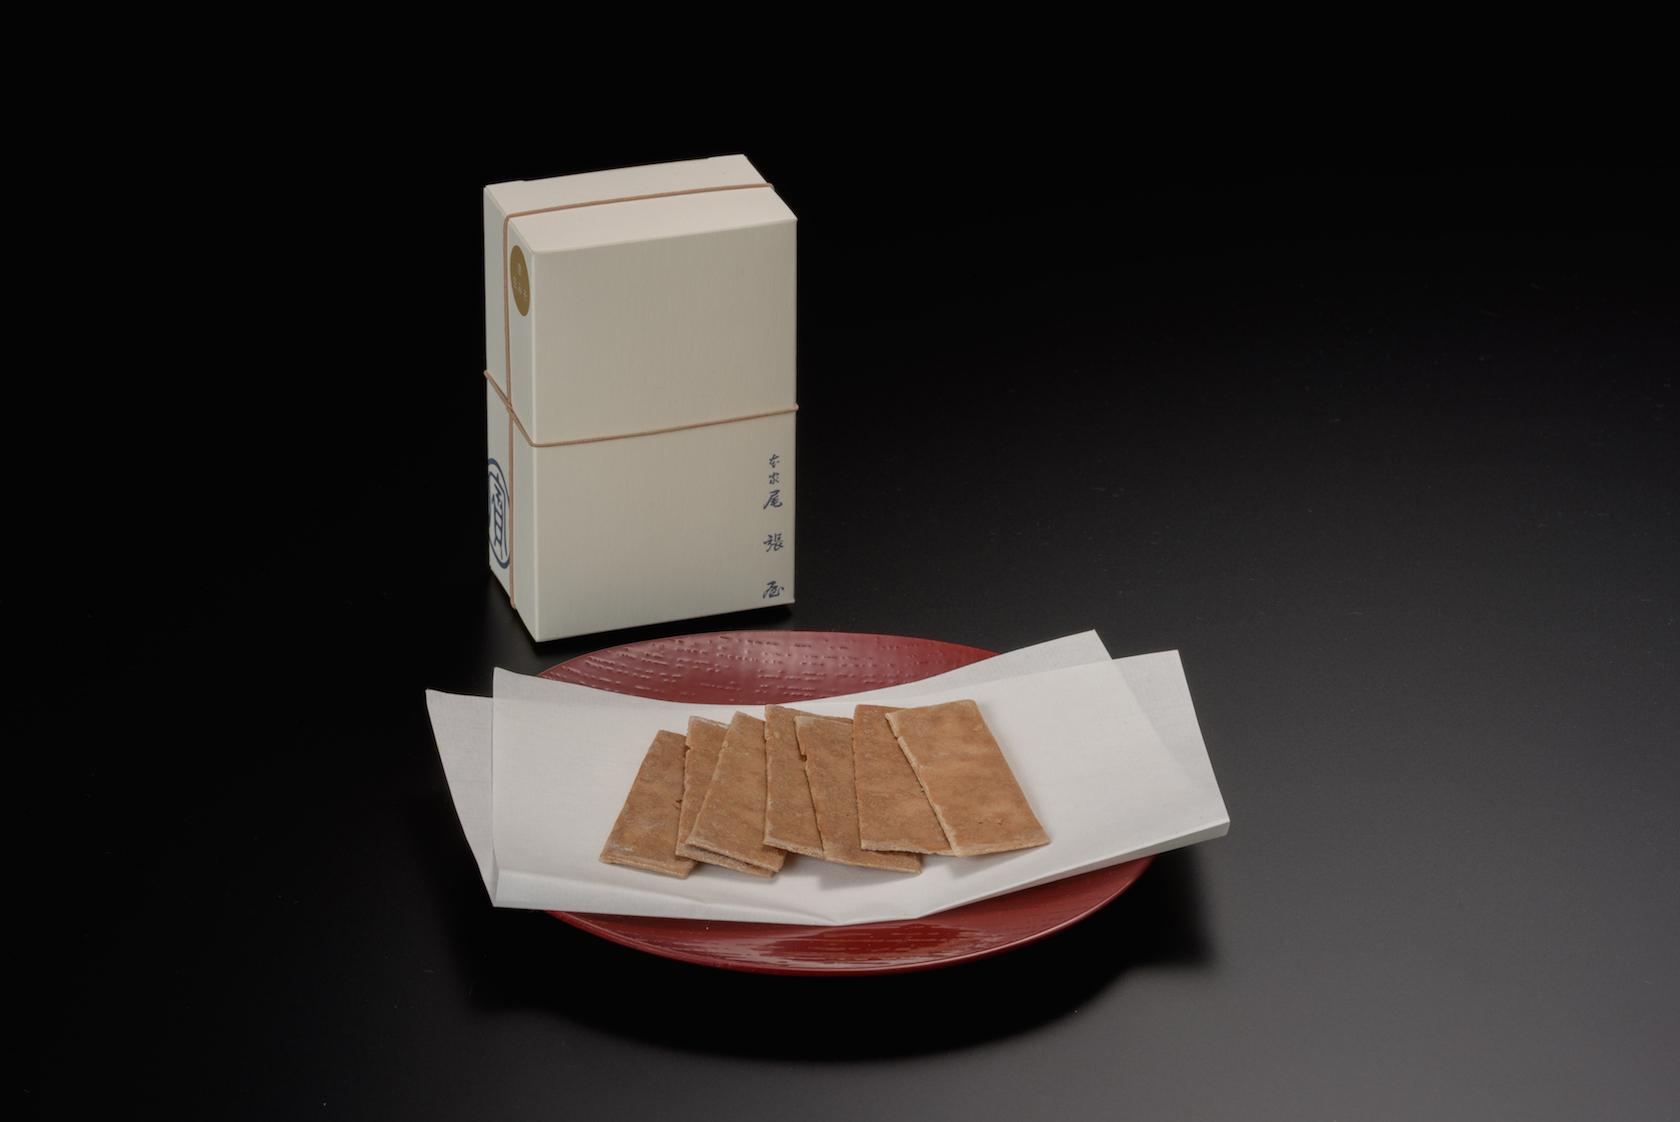 1月〜2月の催事案内 新商品「白味噌」そば板